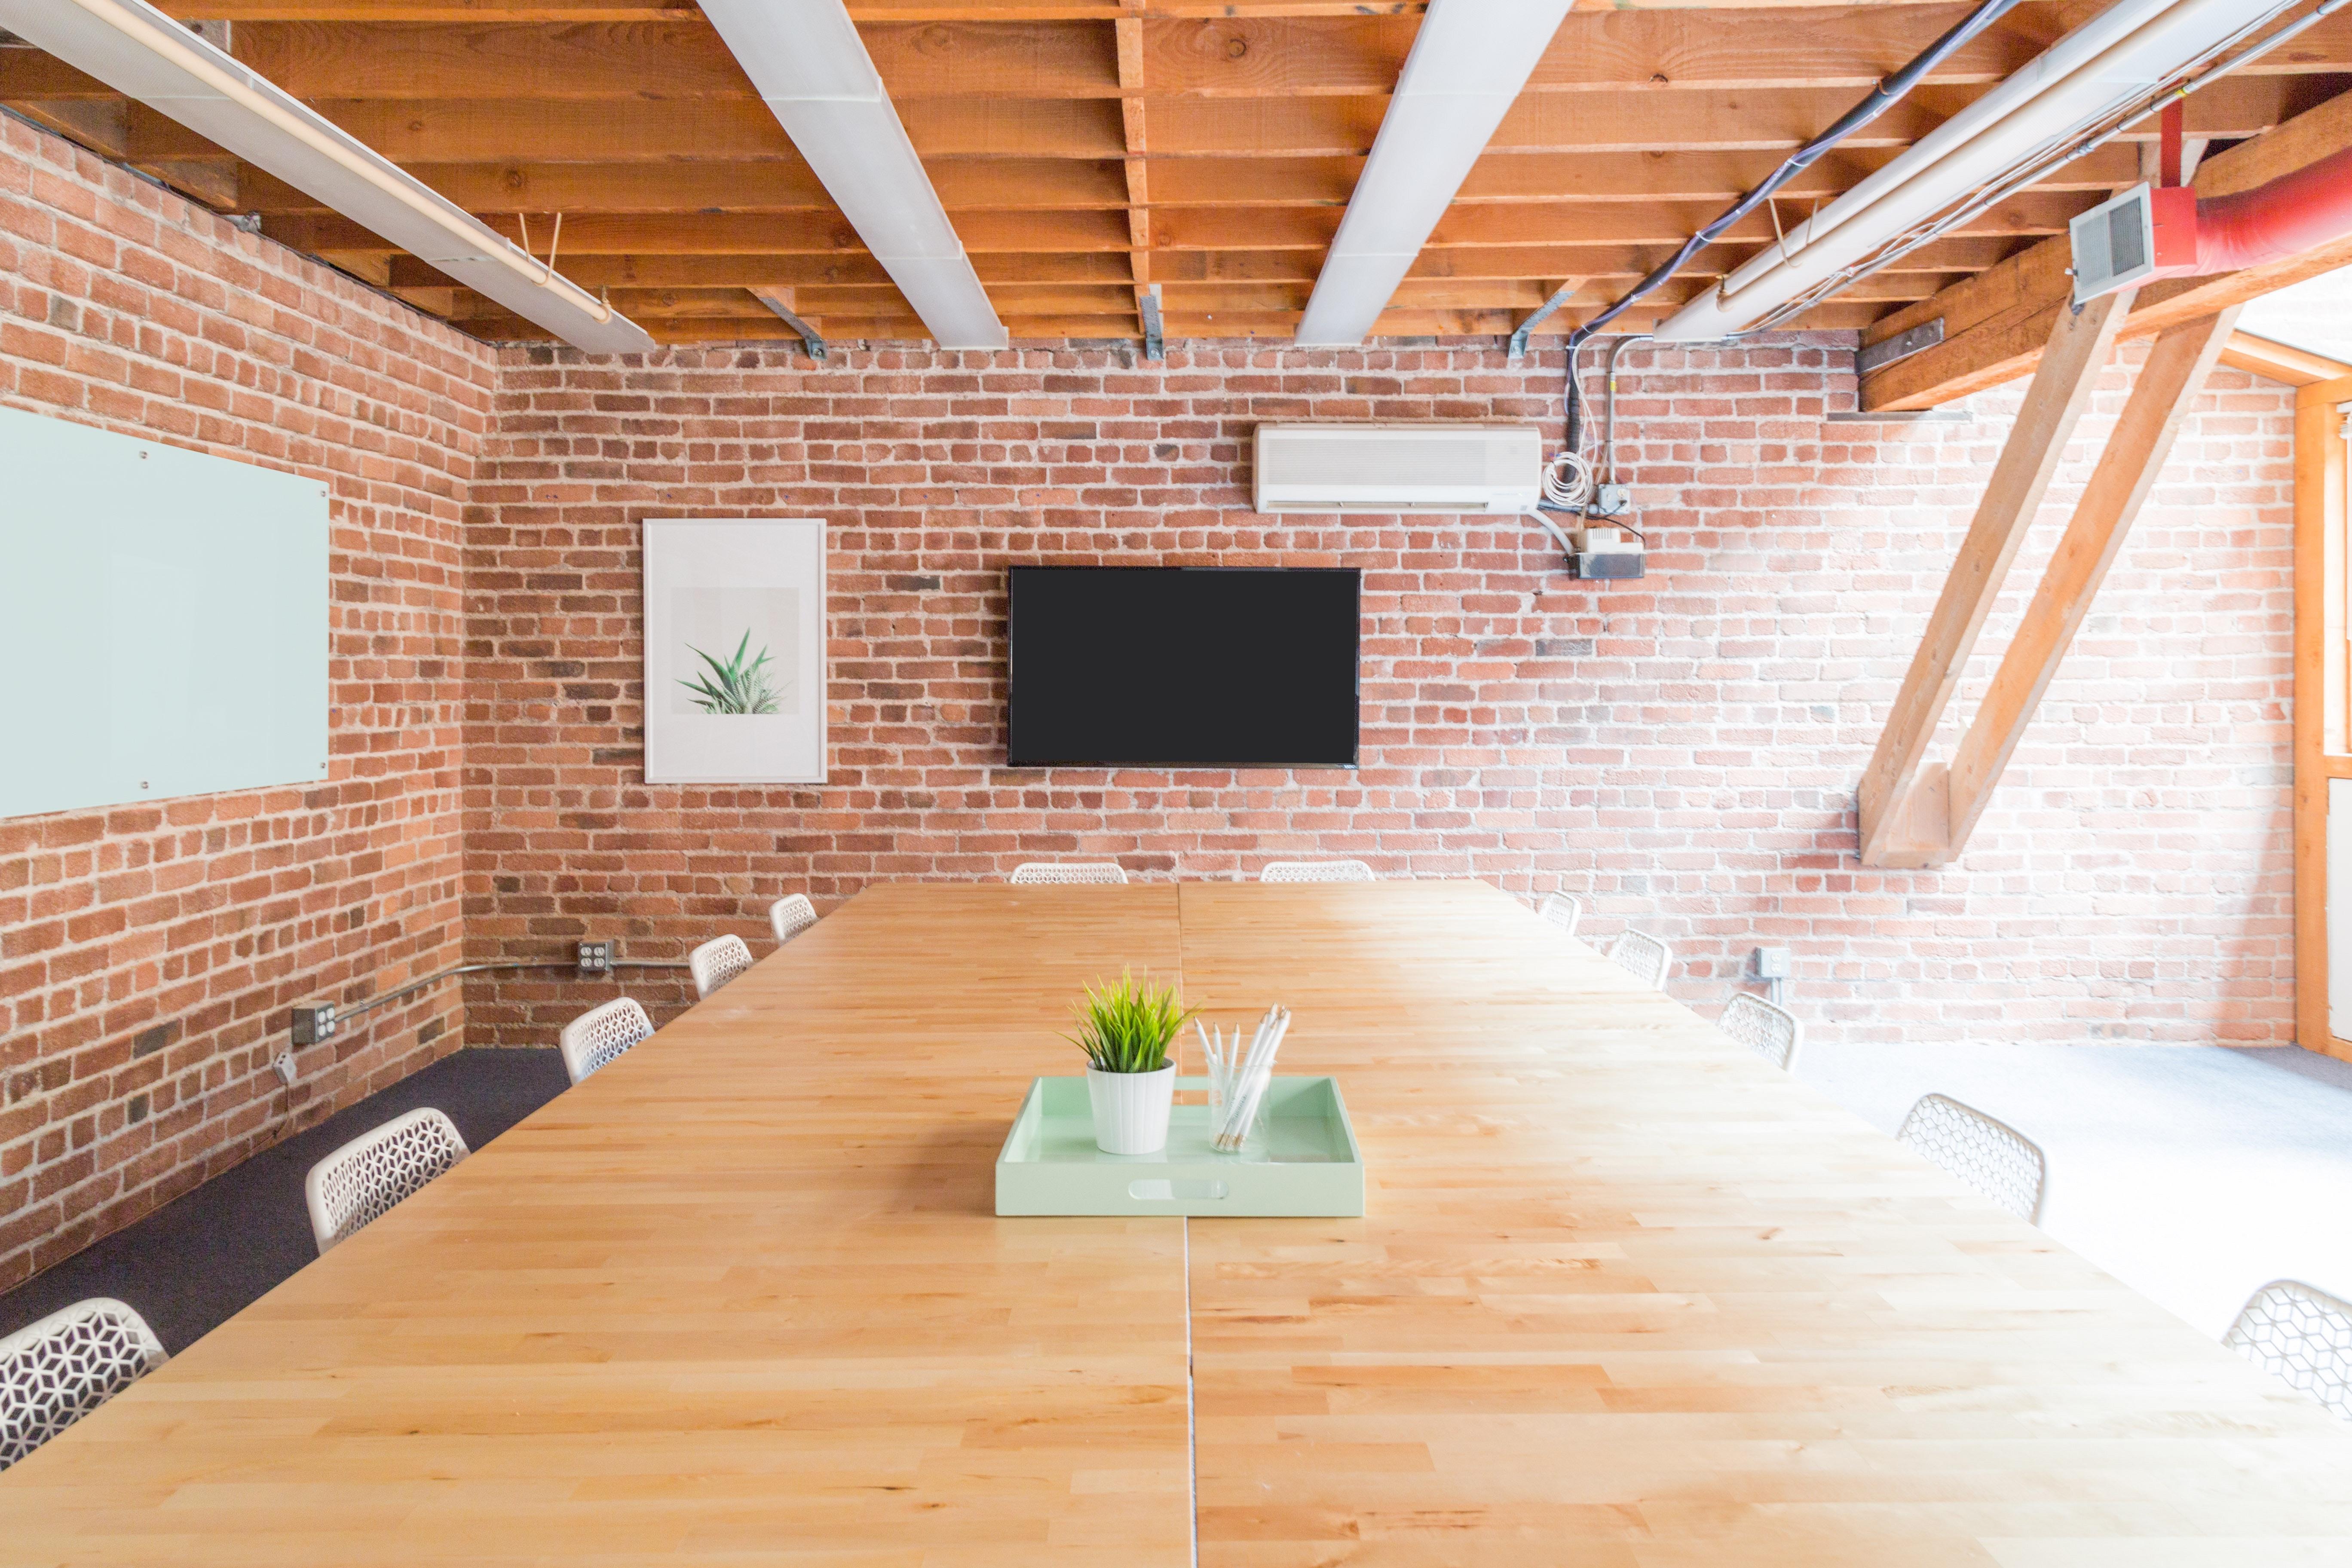 madera piso casa techo cabaa desvn propiedad habitacin tico diseo de interiores madera dura casa de